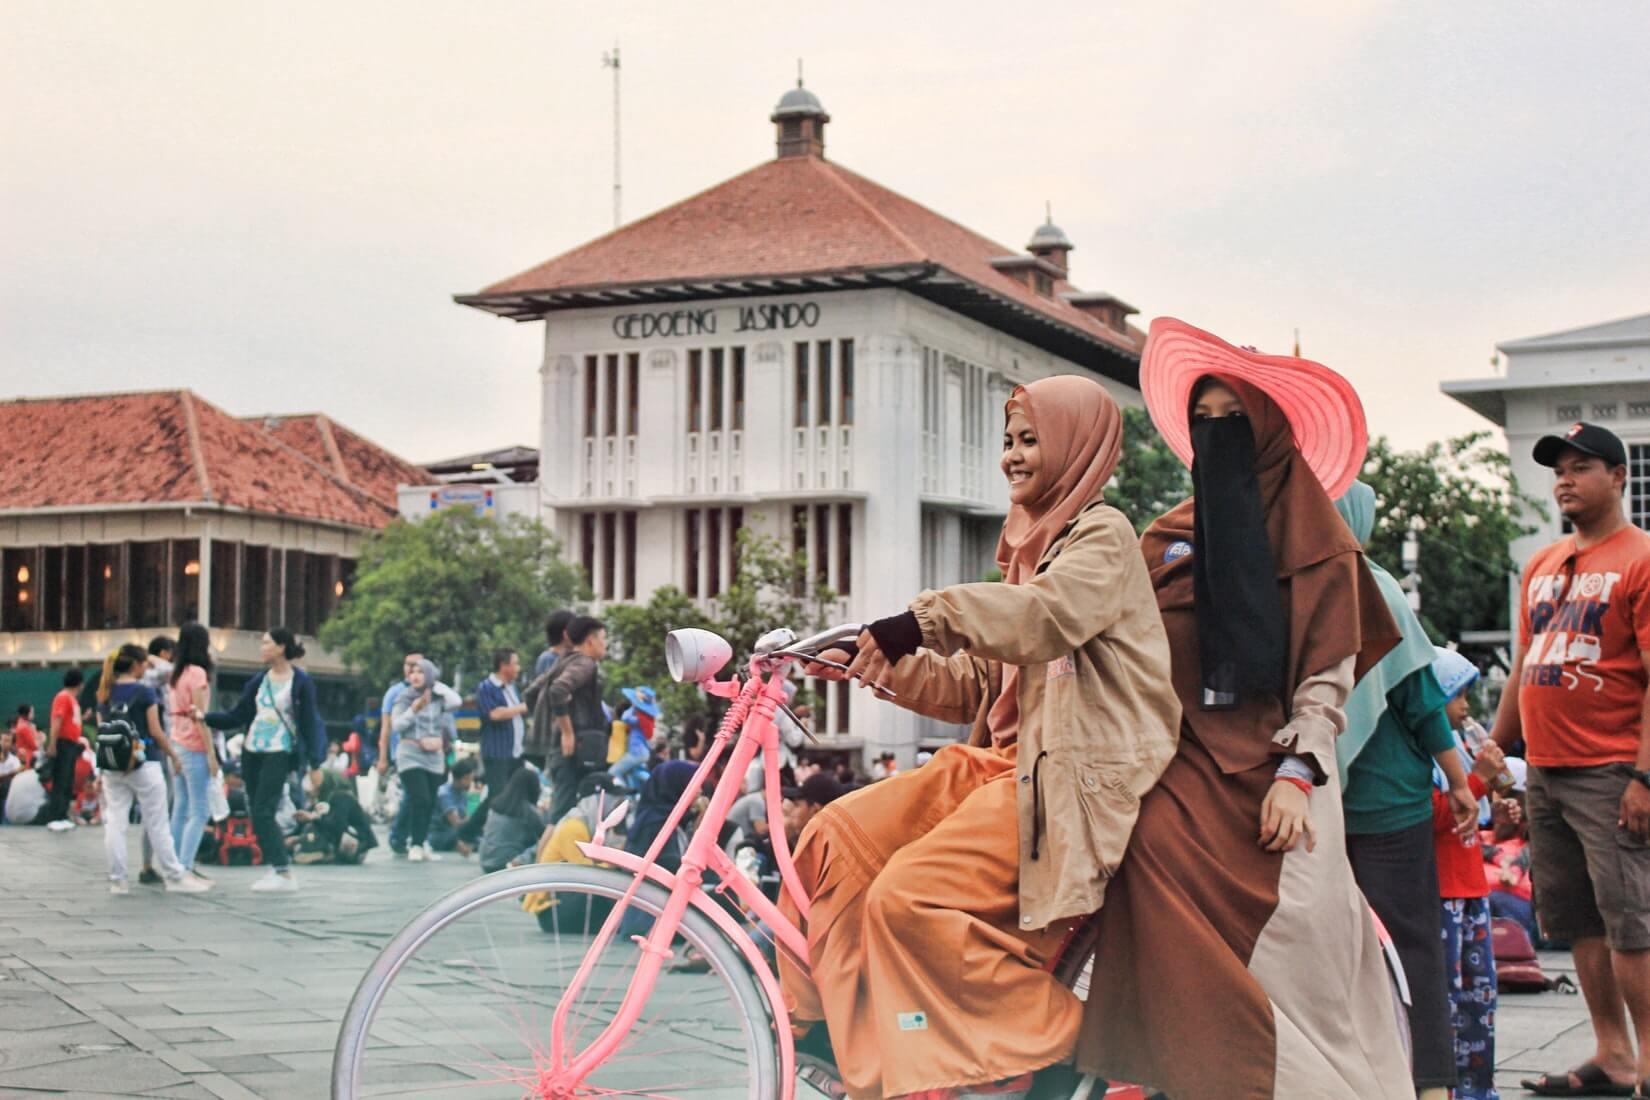 women biking in Jakarta image